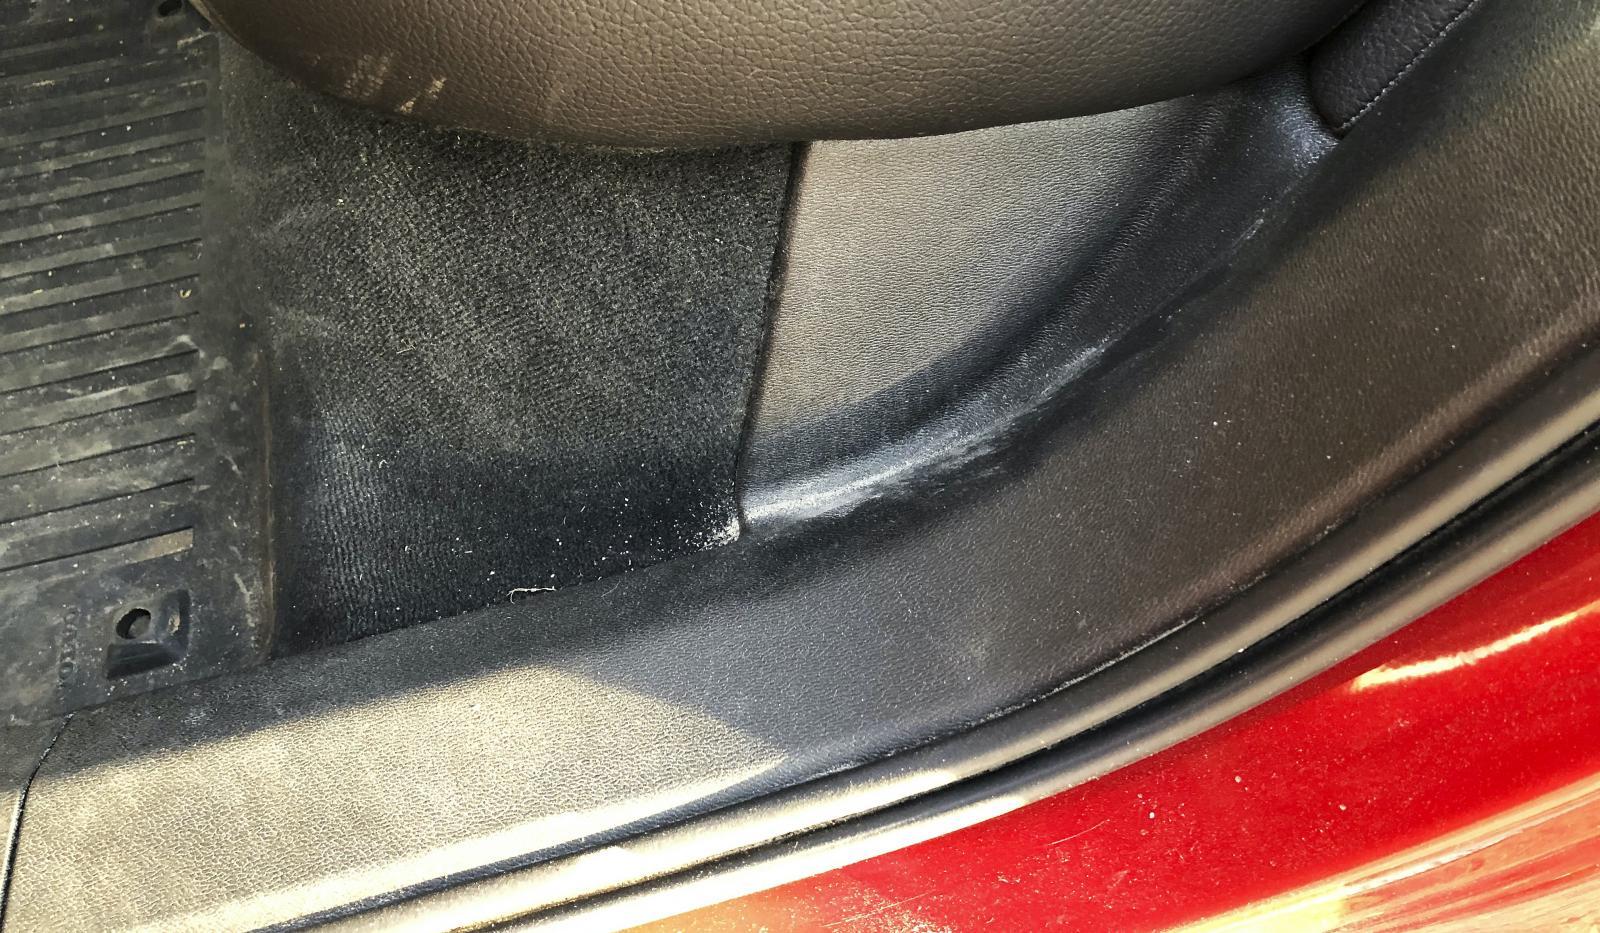 Gummilisterna har svårt att hålla tätt och släpper in vägdamm som lägger sig på dörrmattan innanför bakdörrarna. På bilden Frank Johanssons XC60.